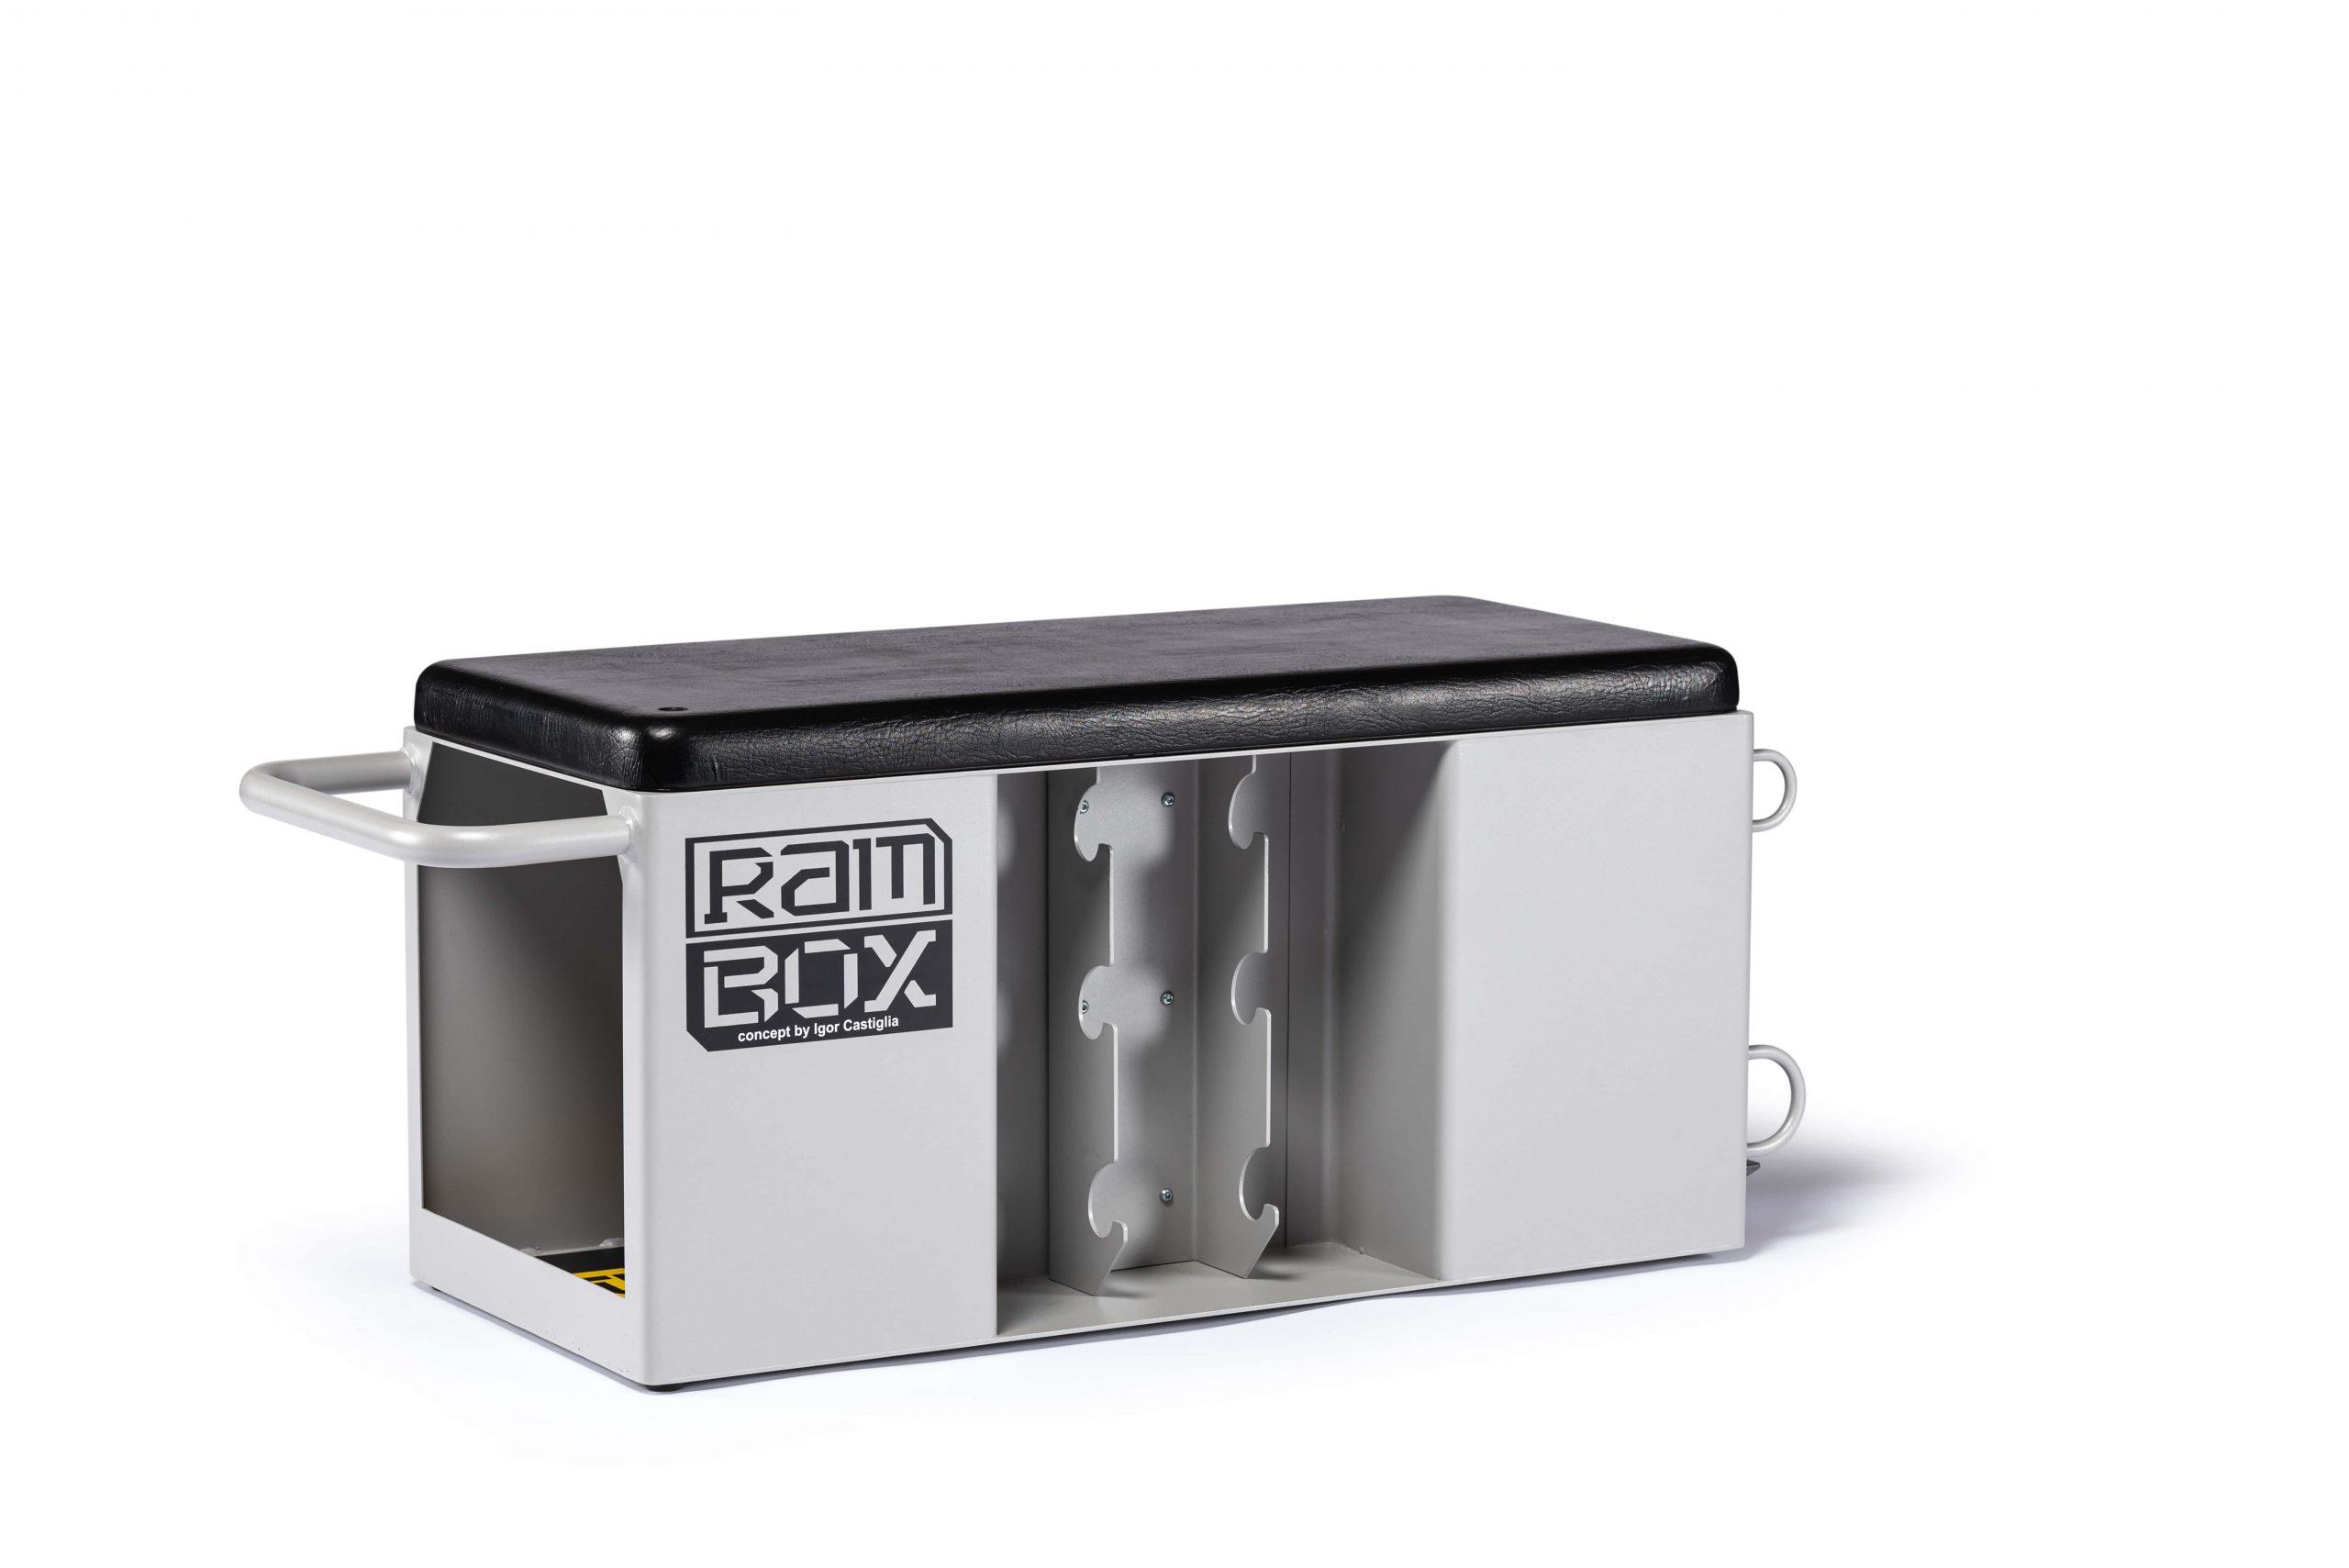 RamBOX Colorato Antracite